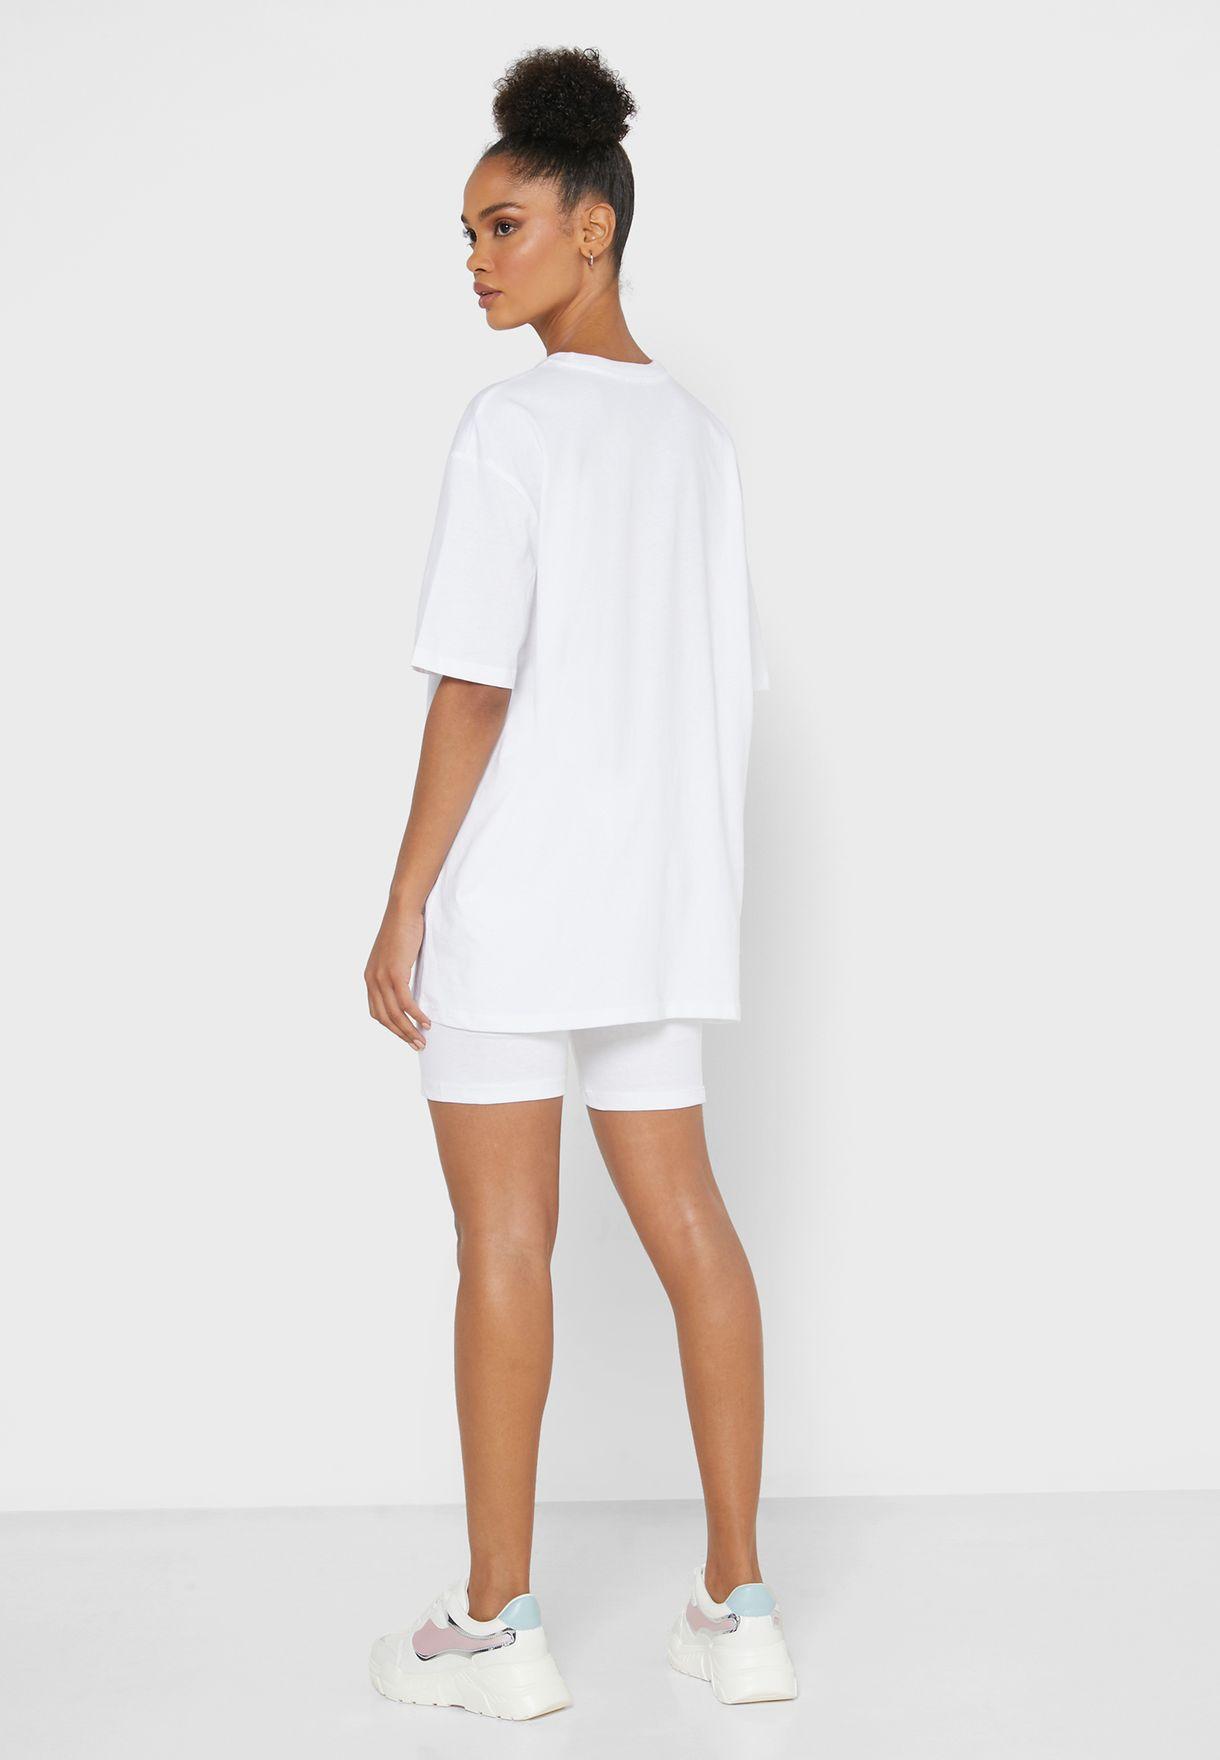 Oversized Graphic T-Shirt Shorts Set